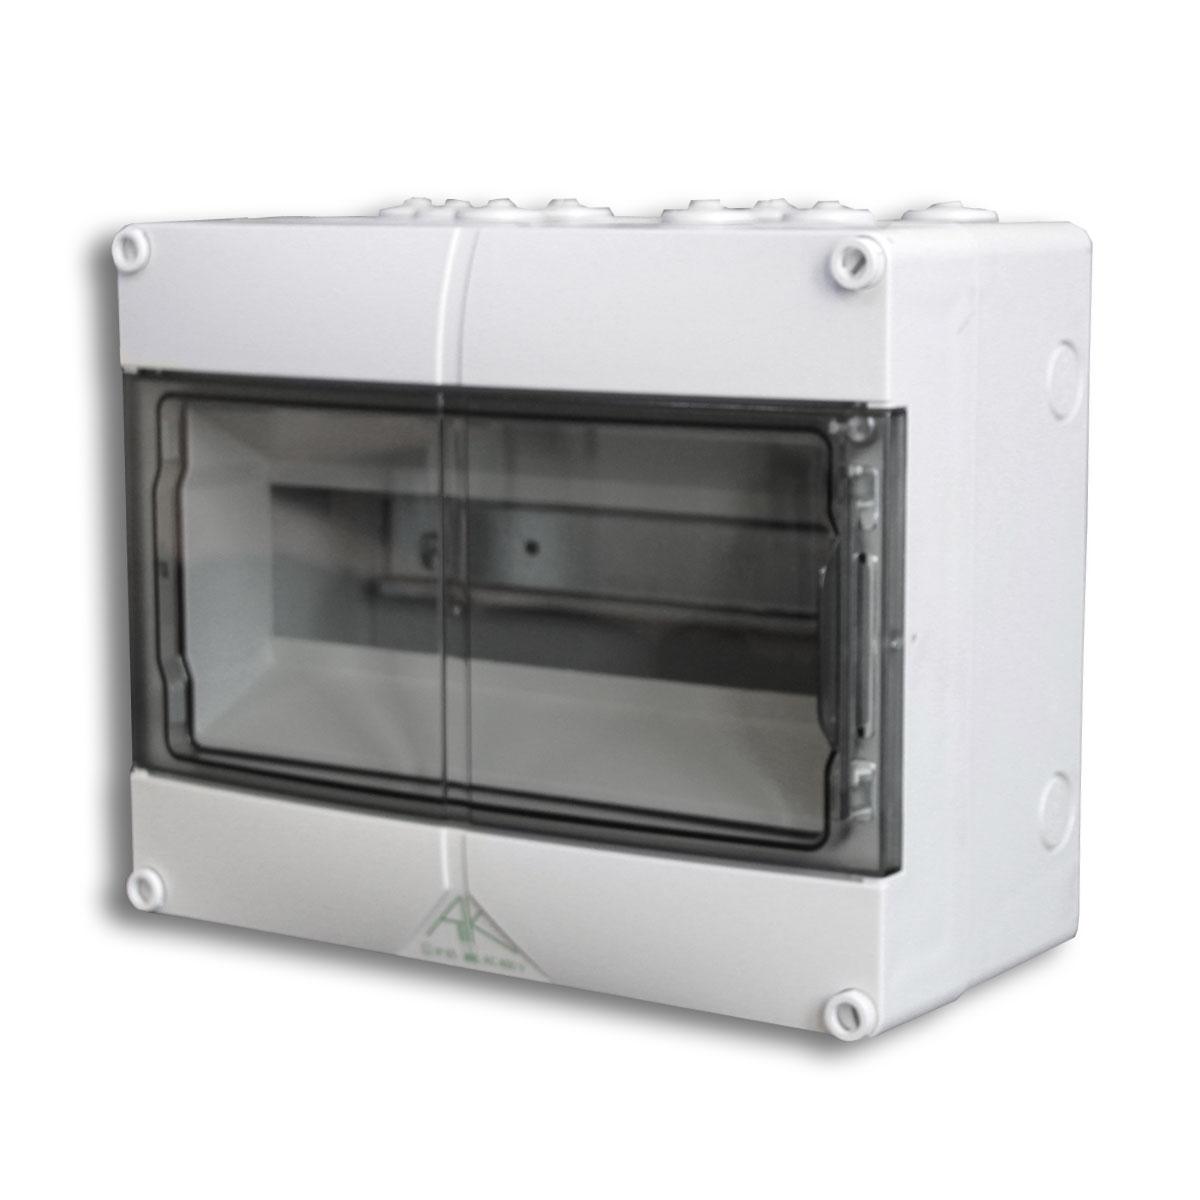 Verteilerkasten / Sicherungskasten Feuchtraum Aufputz